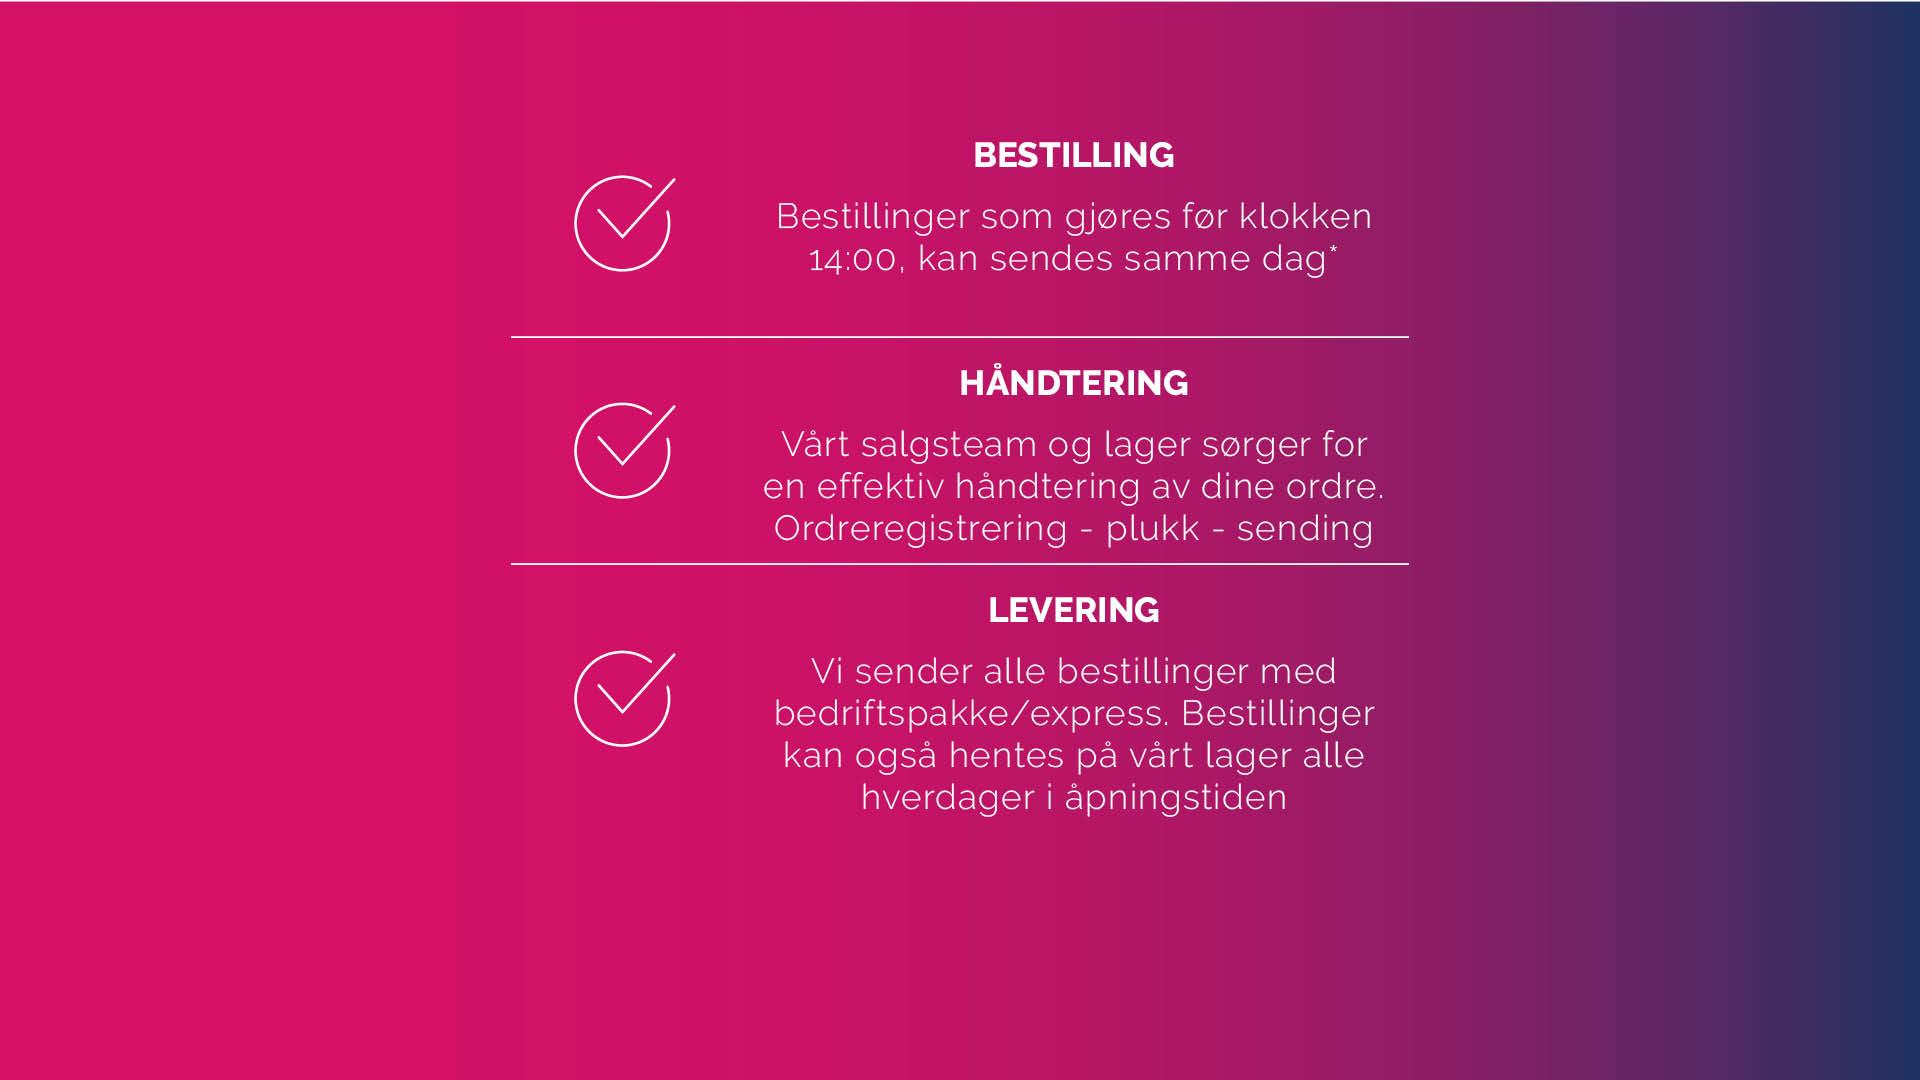 bestilling -levering_1.jpg